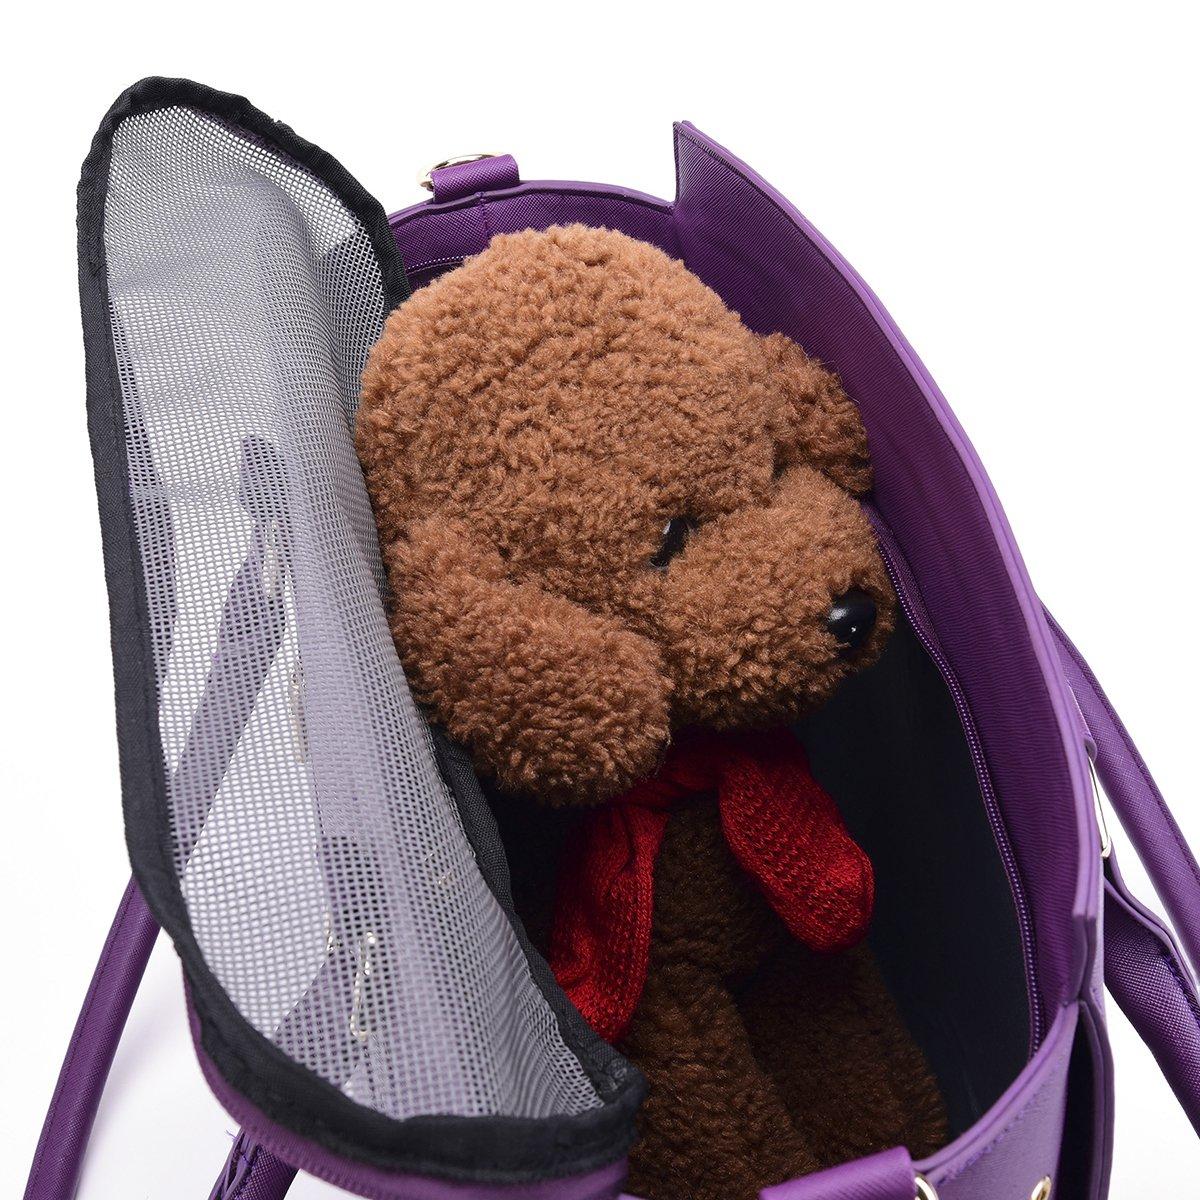 6019 YiHao portatori di cani portatile conveniente leggero viaggio allaperto vettore di animale sicuro per portare il vostro animale domestico